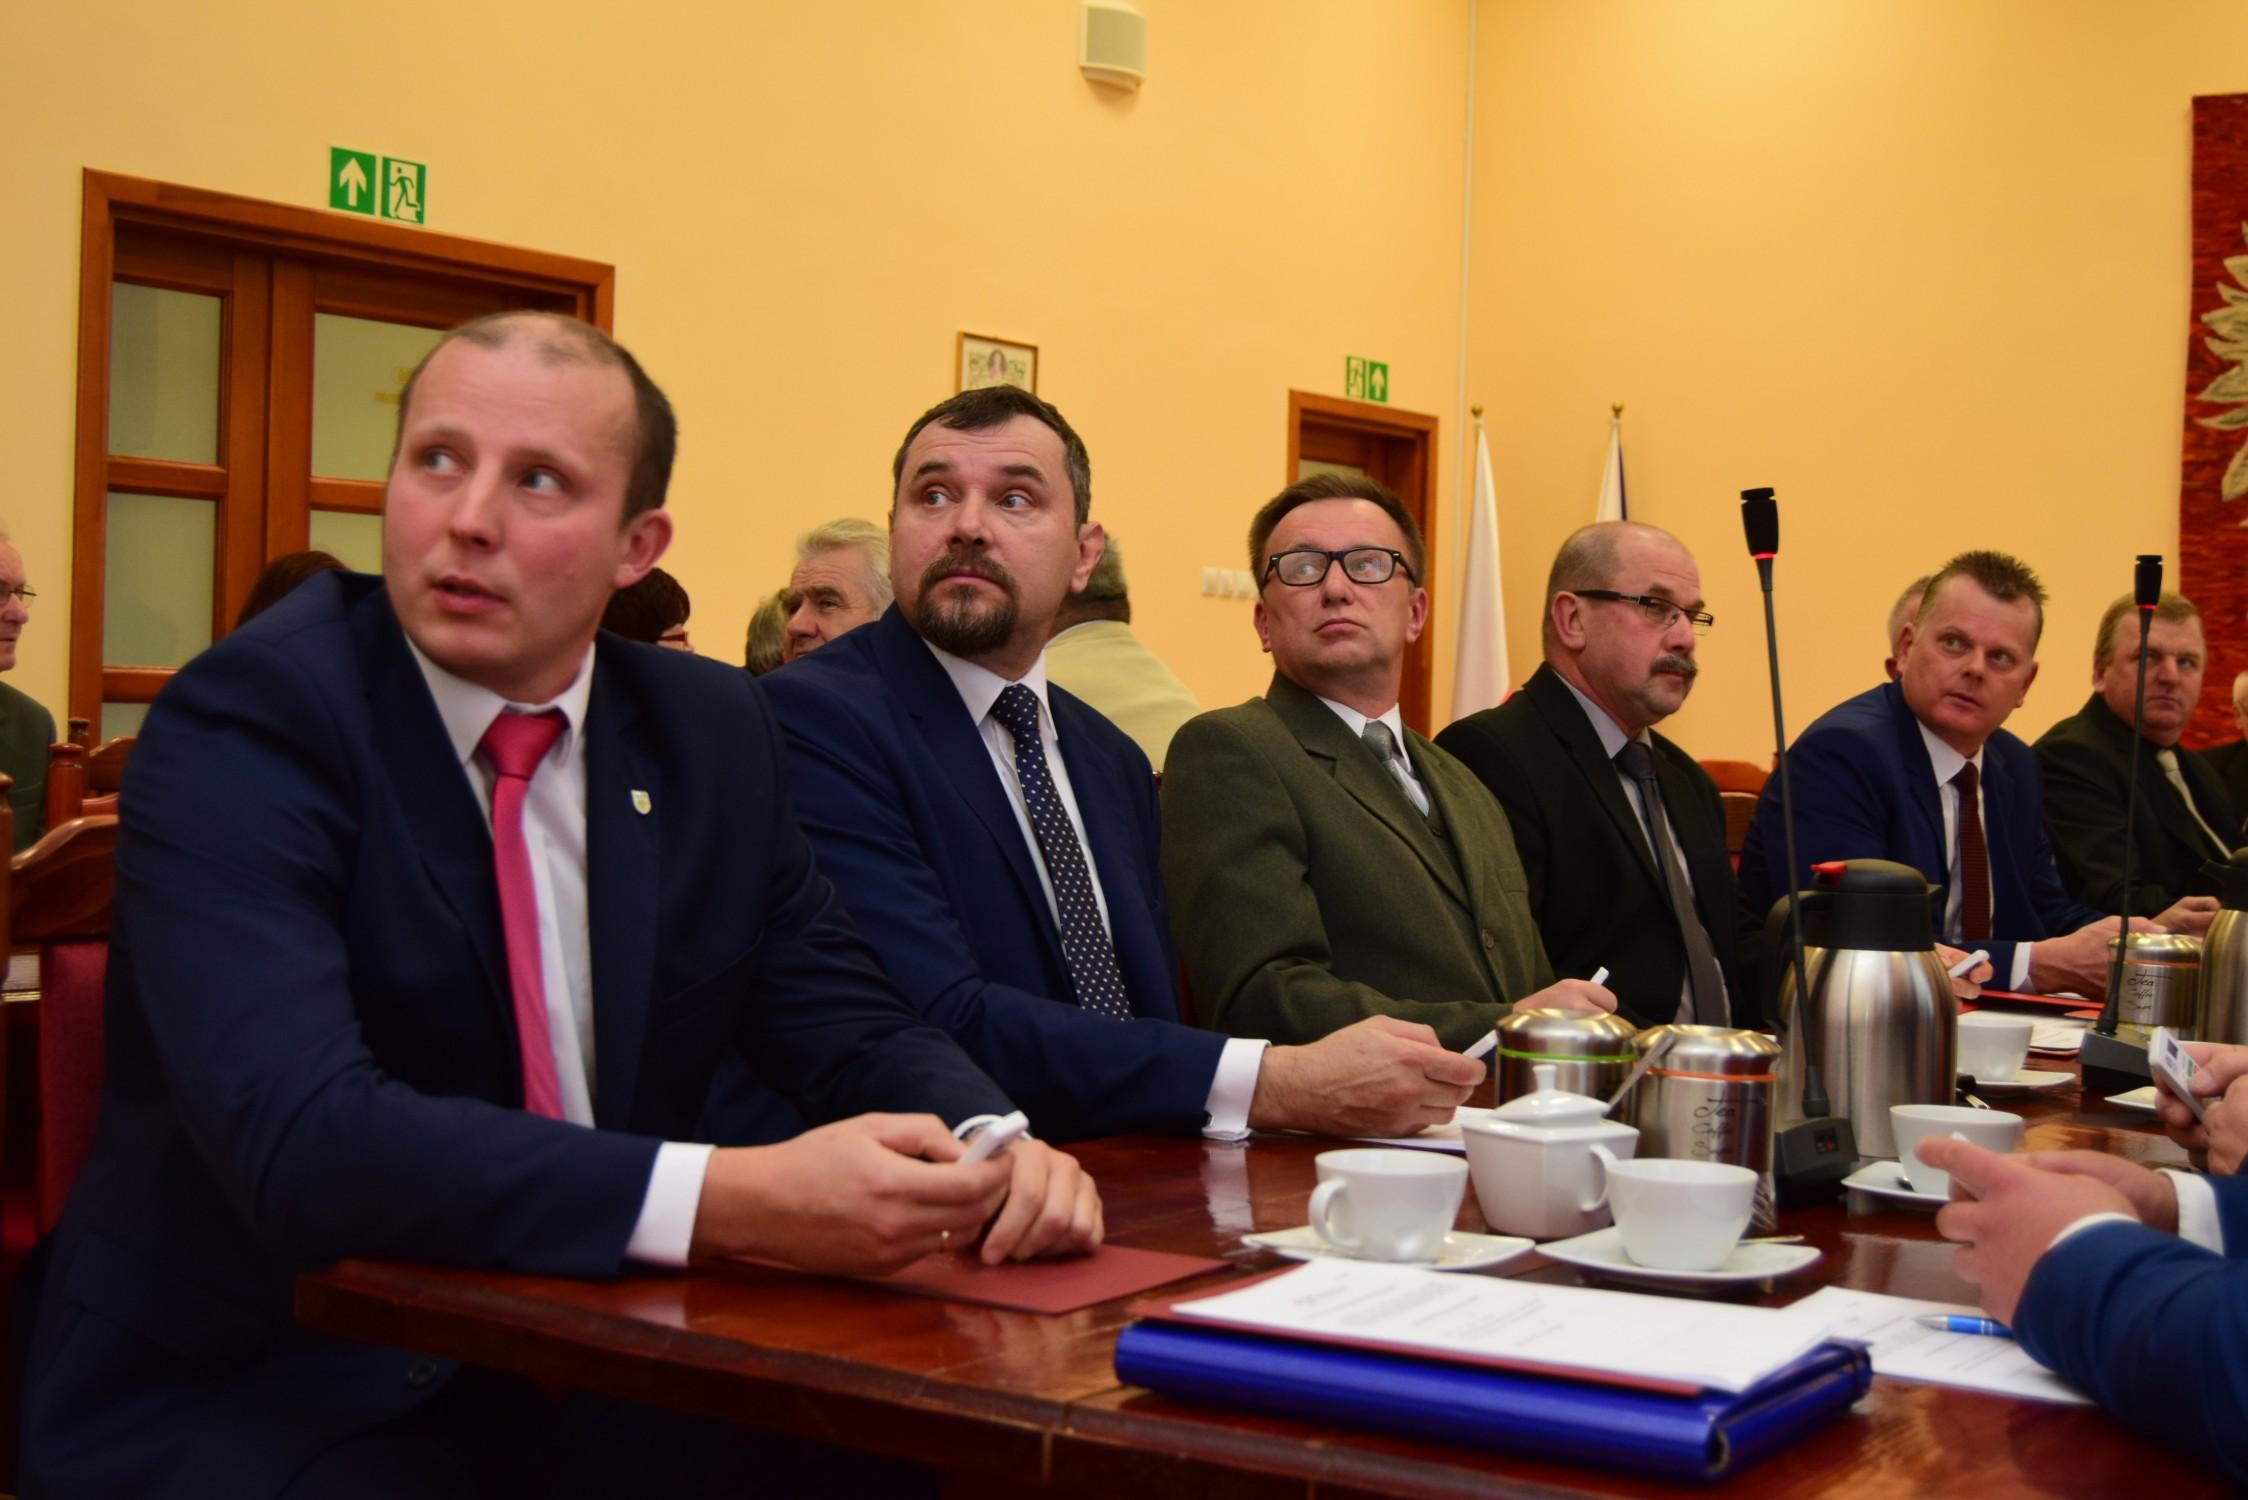 Radni Rady Gminy Majdan Królewski spotkali się na pierwszej sesji tej kadencji [ZDJĘCIA] - Zdjęcie główne